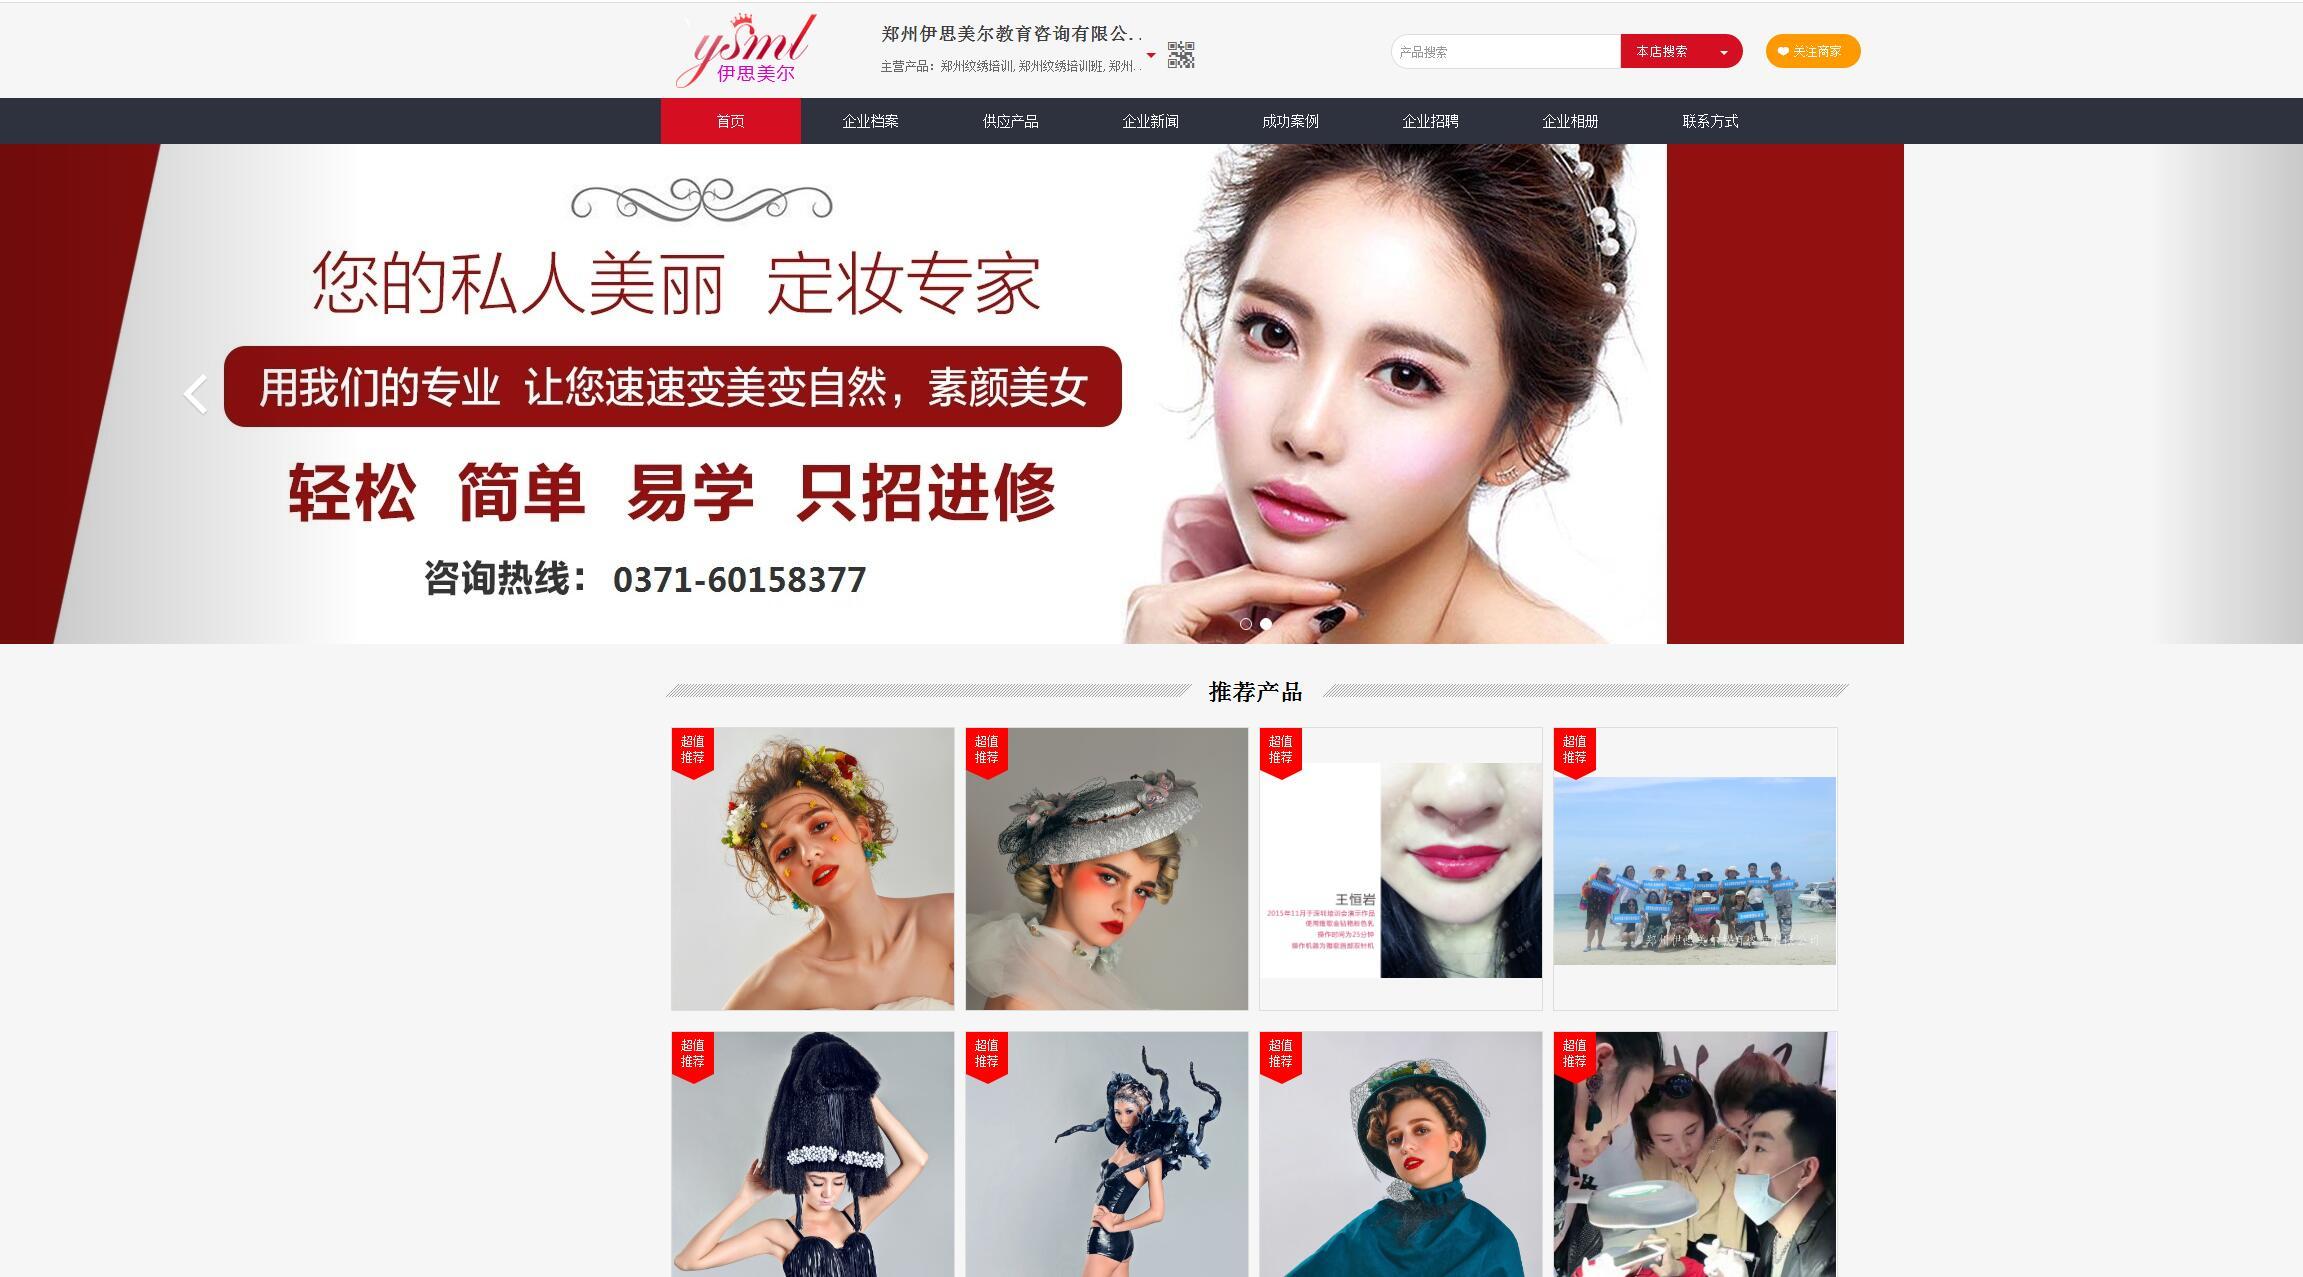 郑州网站推广多少钱一年【聚商科技】价格便宜见效快